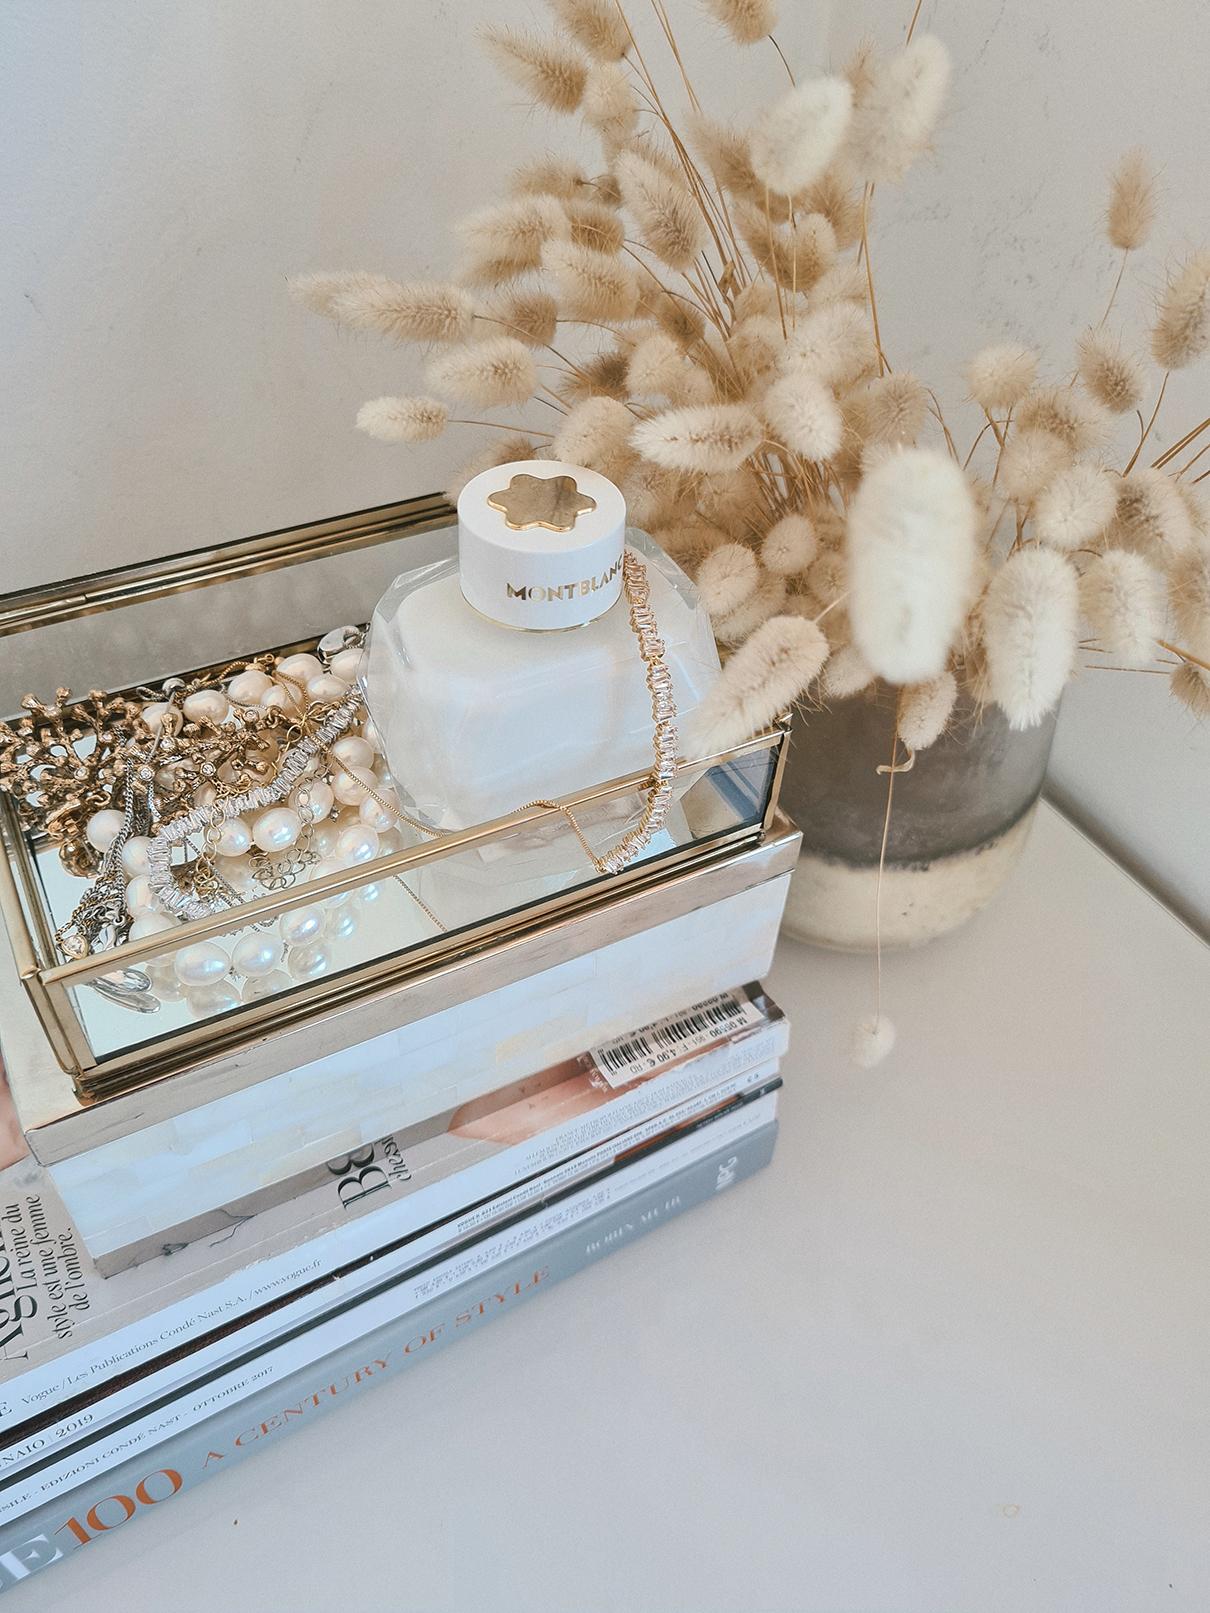 Montblanc Signature Fragrance